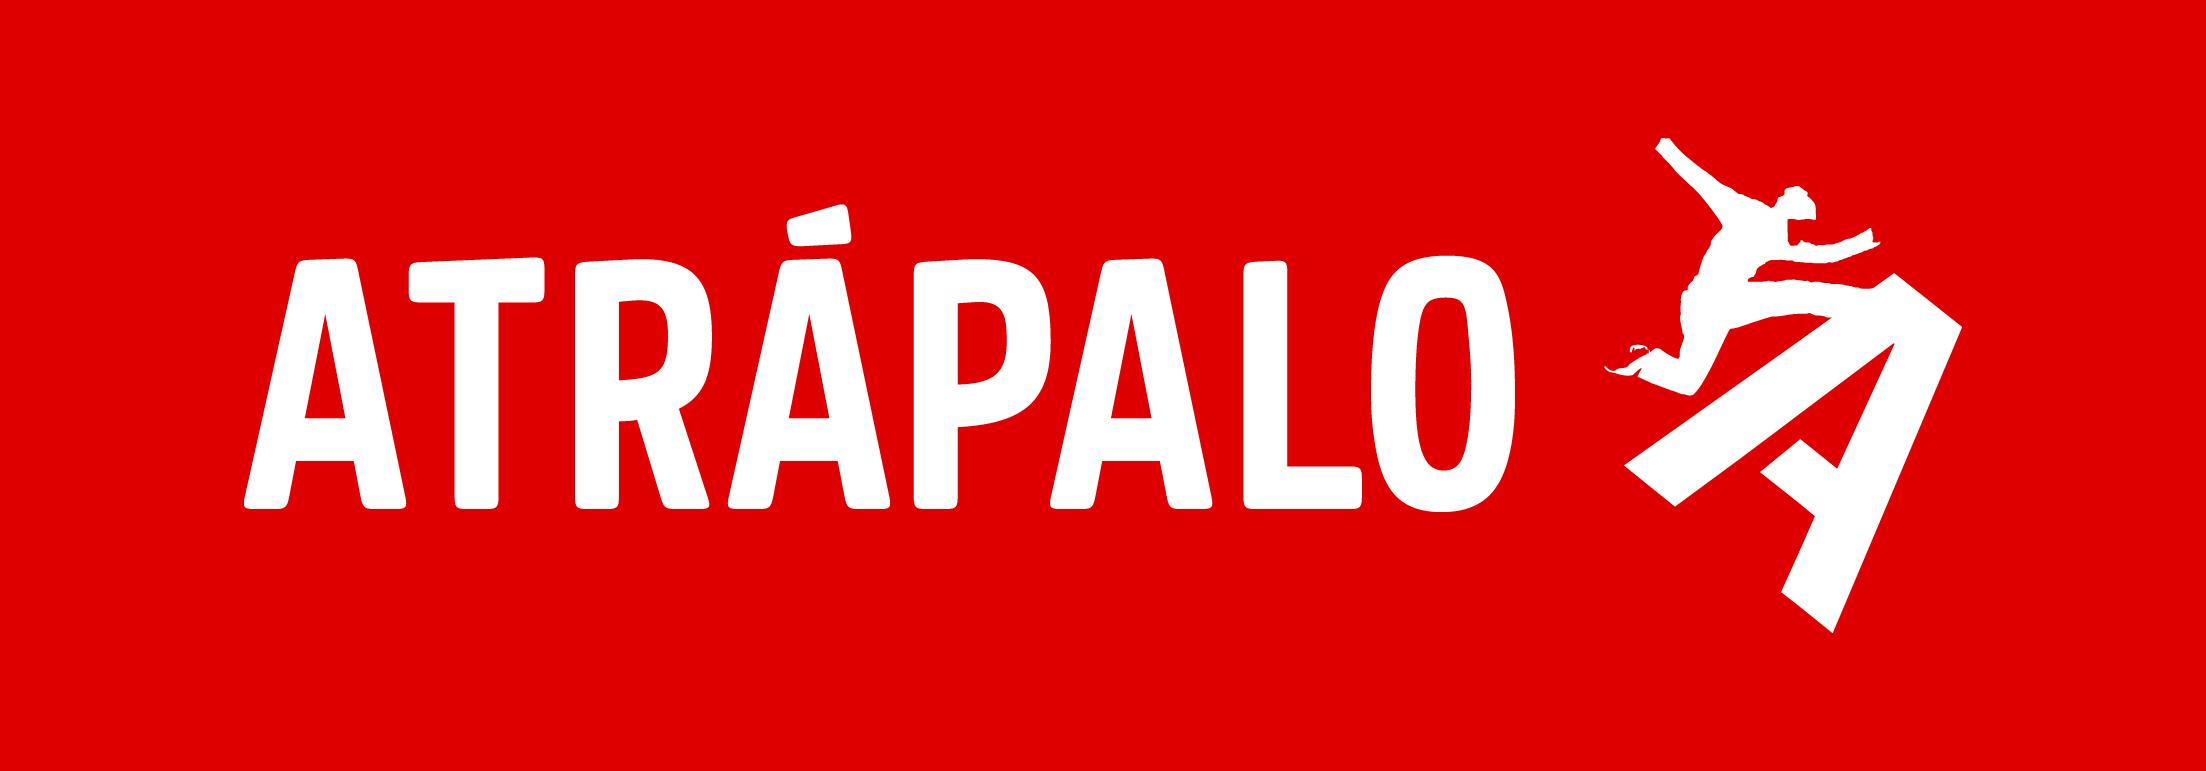 ATRAPALO_logo-rojo_B